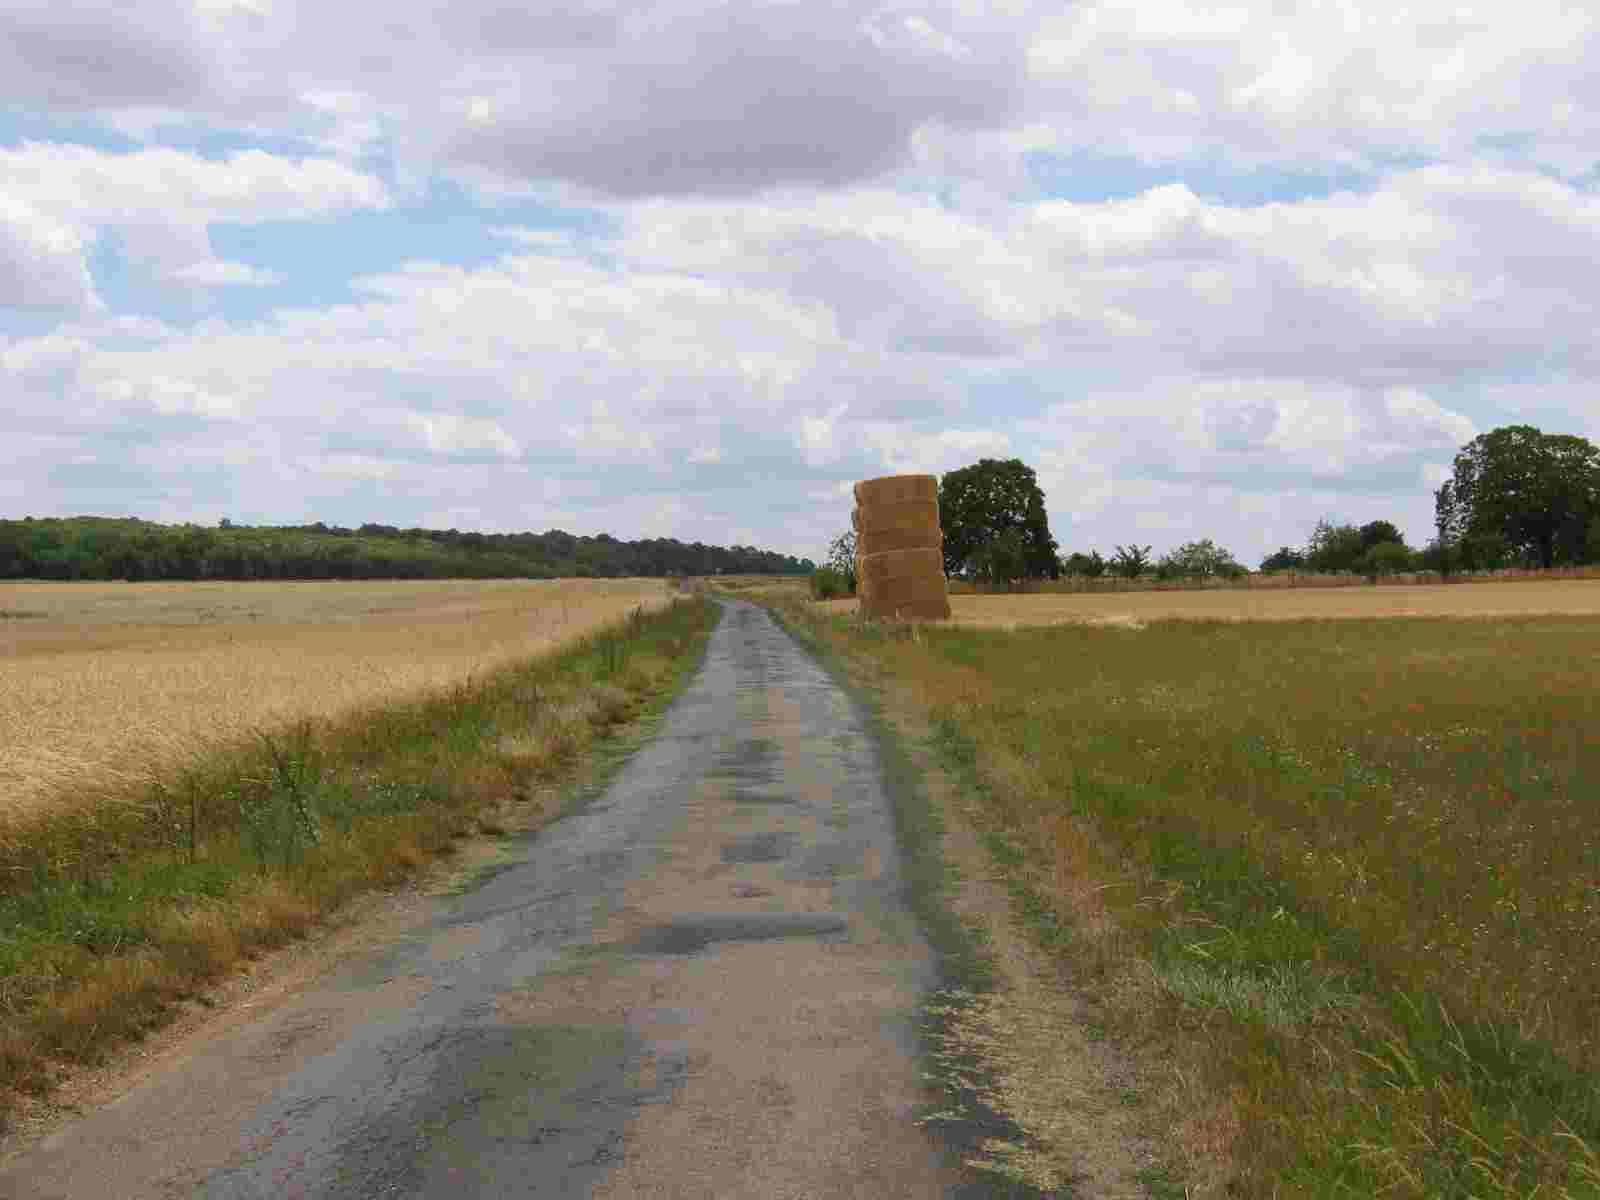 .... 732 n. C.die Schlacht zwischen Tours und Poitiers?